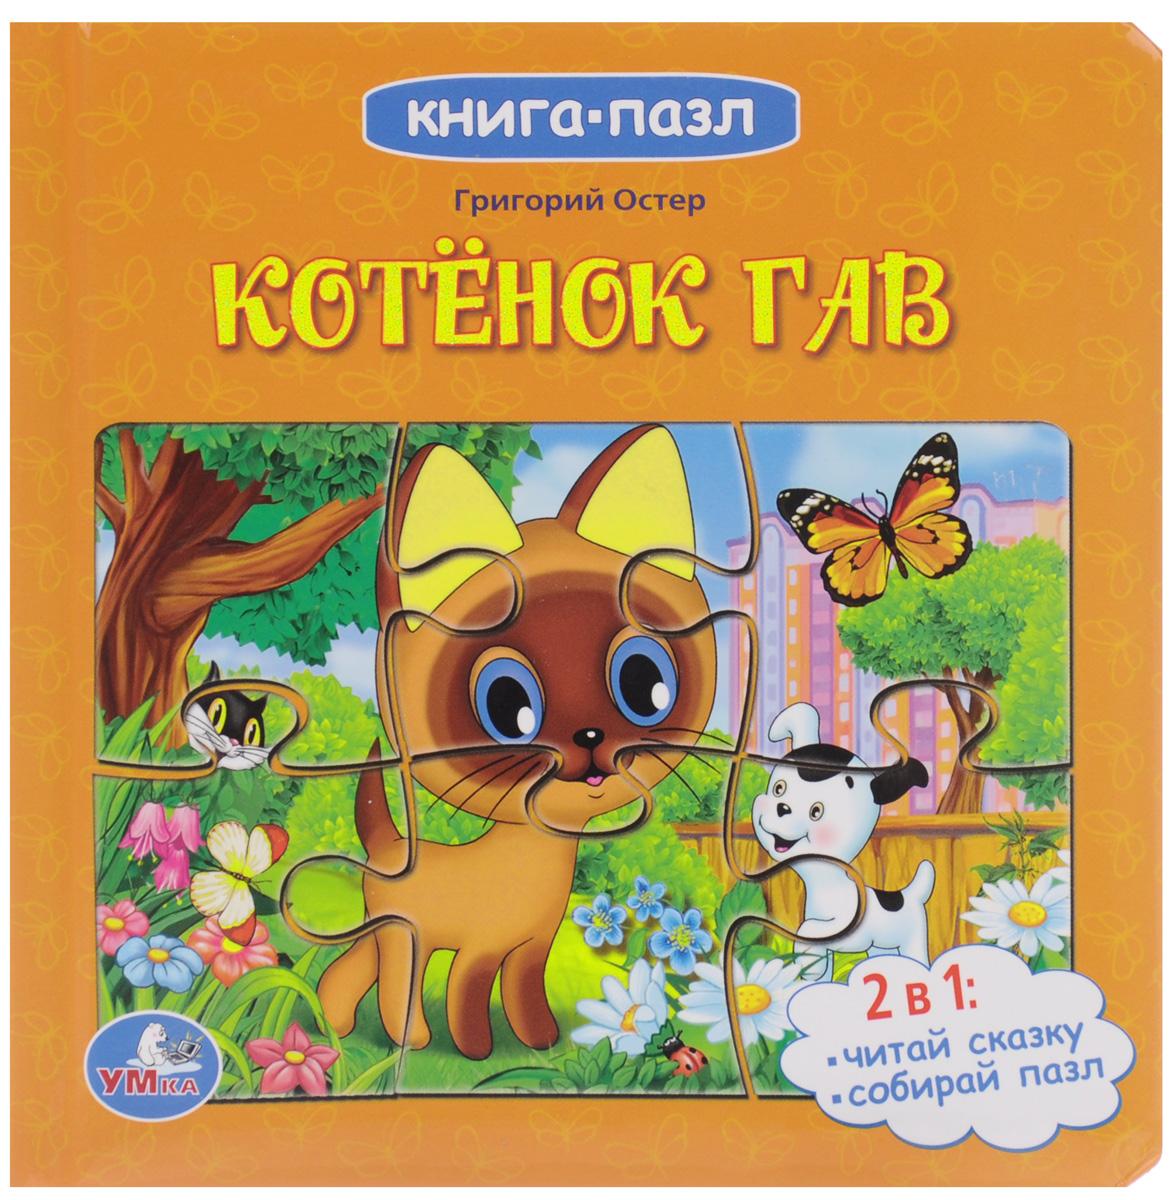 Котенок Гав. Книжка-игрушка12296407Яркая книжка с пазлами превратит чтение в увлекательную и очень полезную игру. Она поможет развить у ребенка логическое мышление, мелкую моторику, внимание. Обложка у книжки мягкая, что делает ее приятной на ощупь. Игра с этой книжкой станет любимым развлечением вашего ребенка. На толстых страничках находится 6 пазлов с крупными деталями, которые удобно собирать детскими пальчиками. Под каждым пазлом есть картинка-подсказка, повторяющая рисунок на самой головоломке.